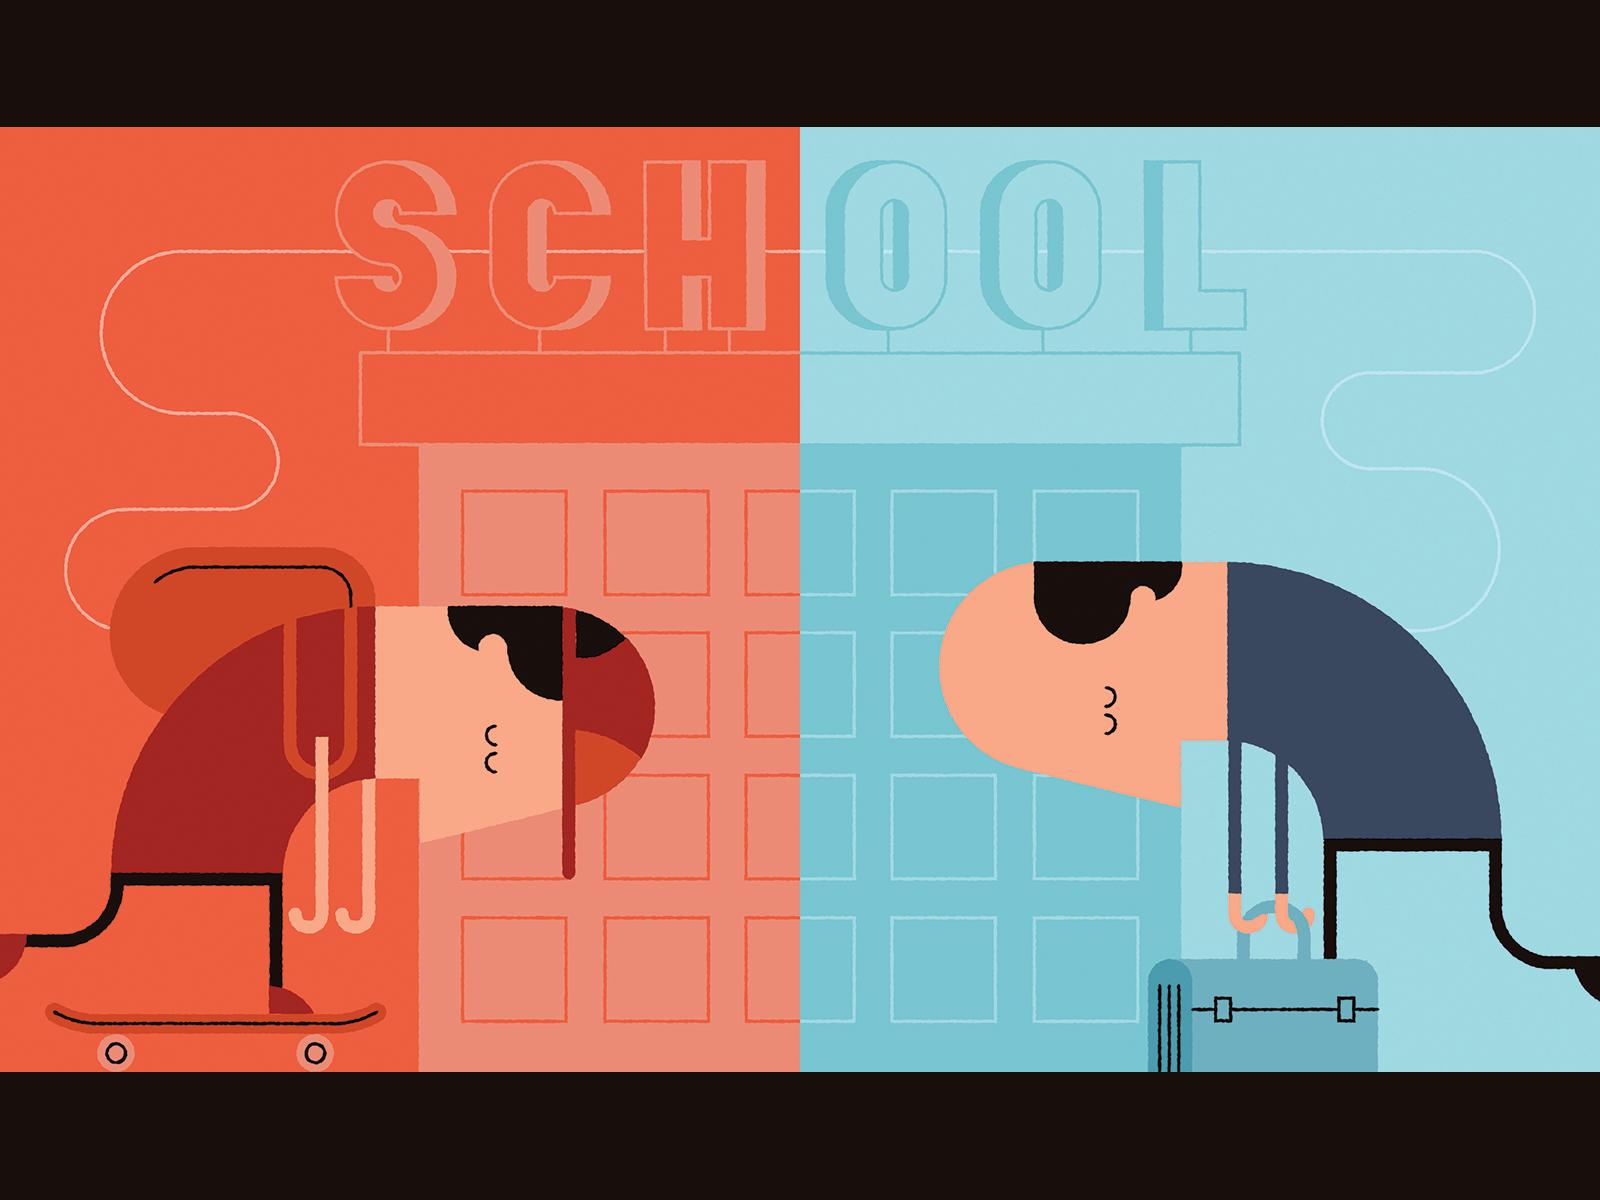 Schoolbig2